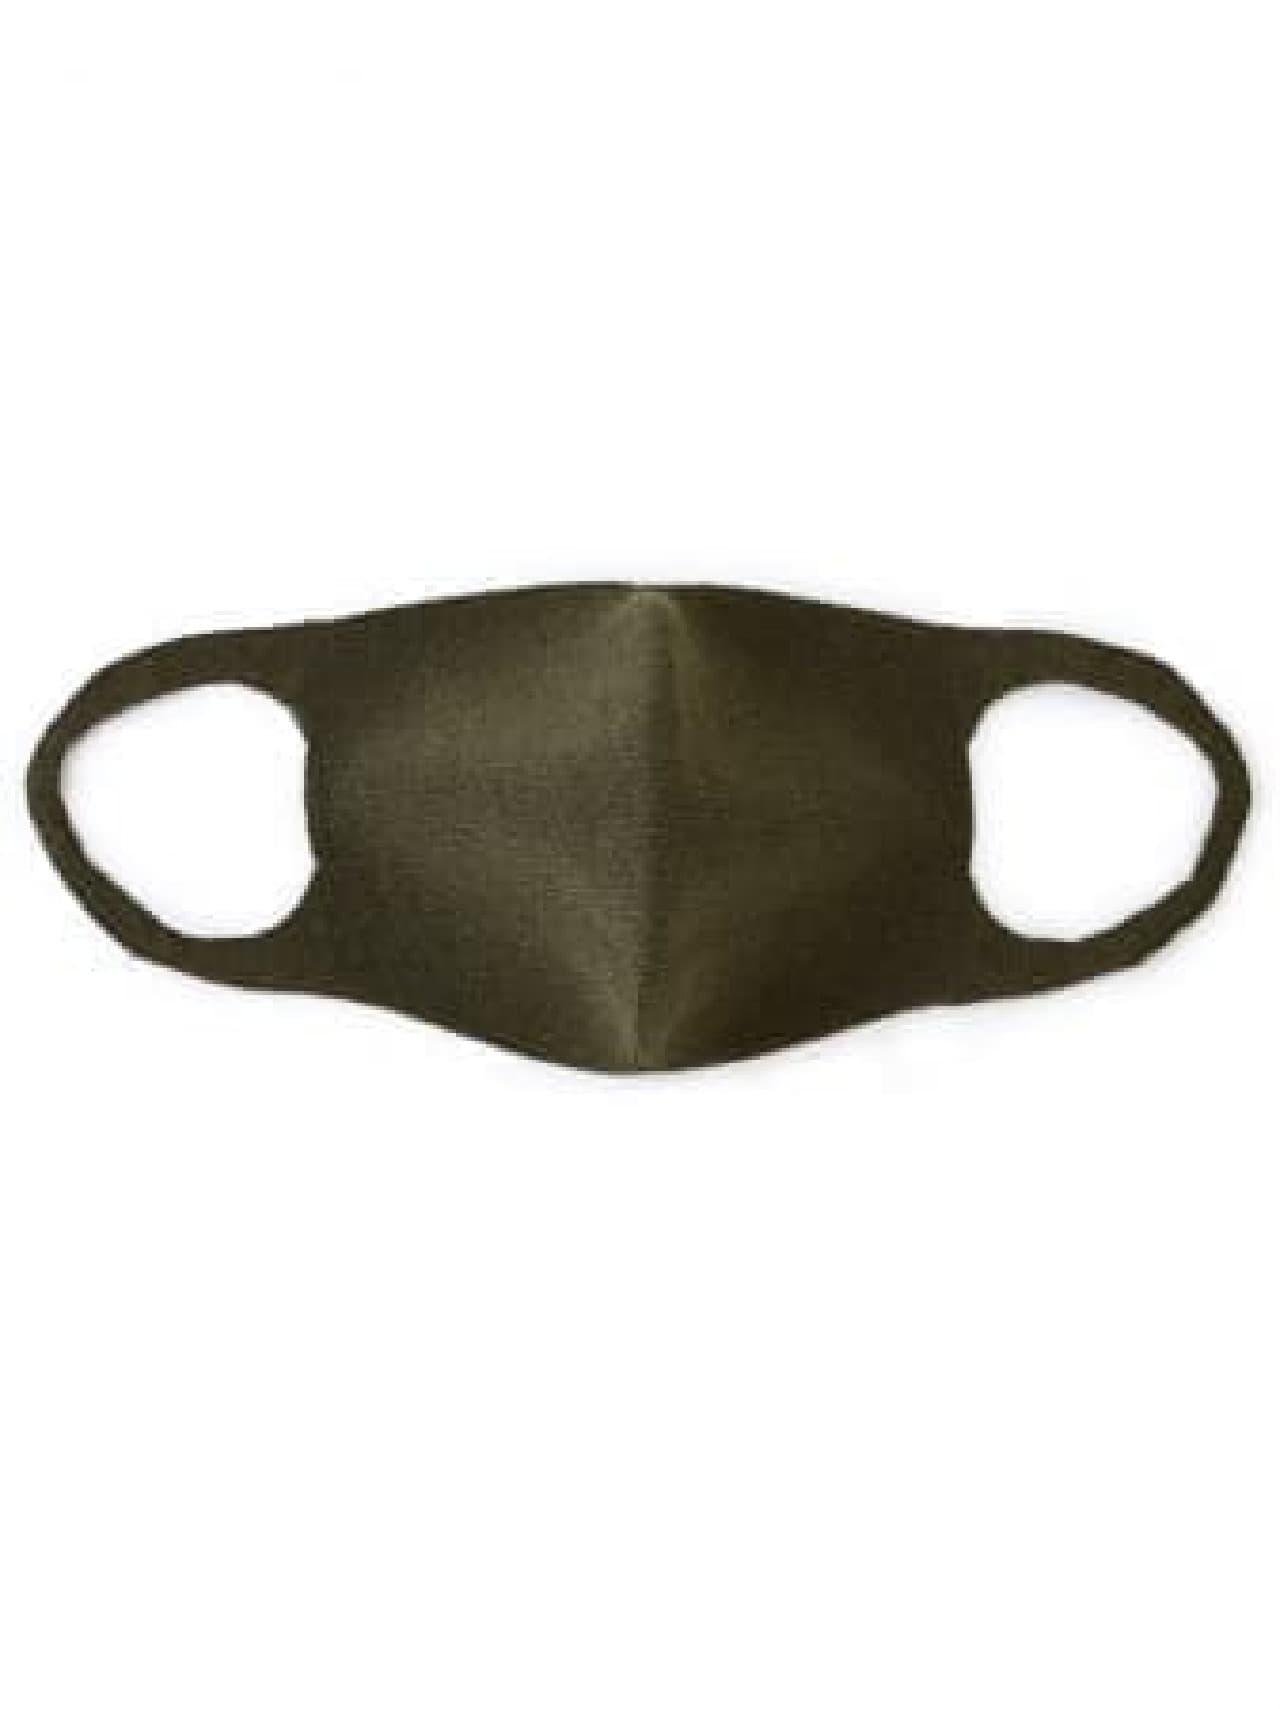 やわらかい着け心地のFRAY I.Dオリジナルマスク -- モード感あるカーキとベージュの2色